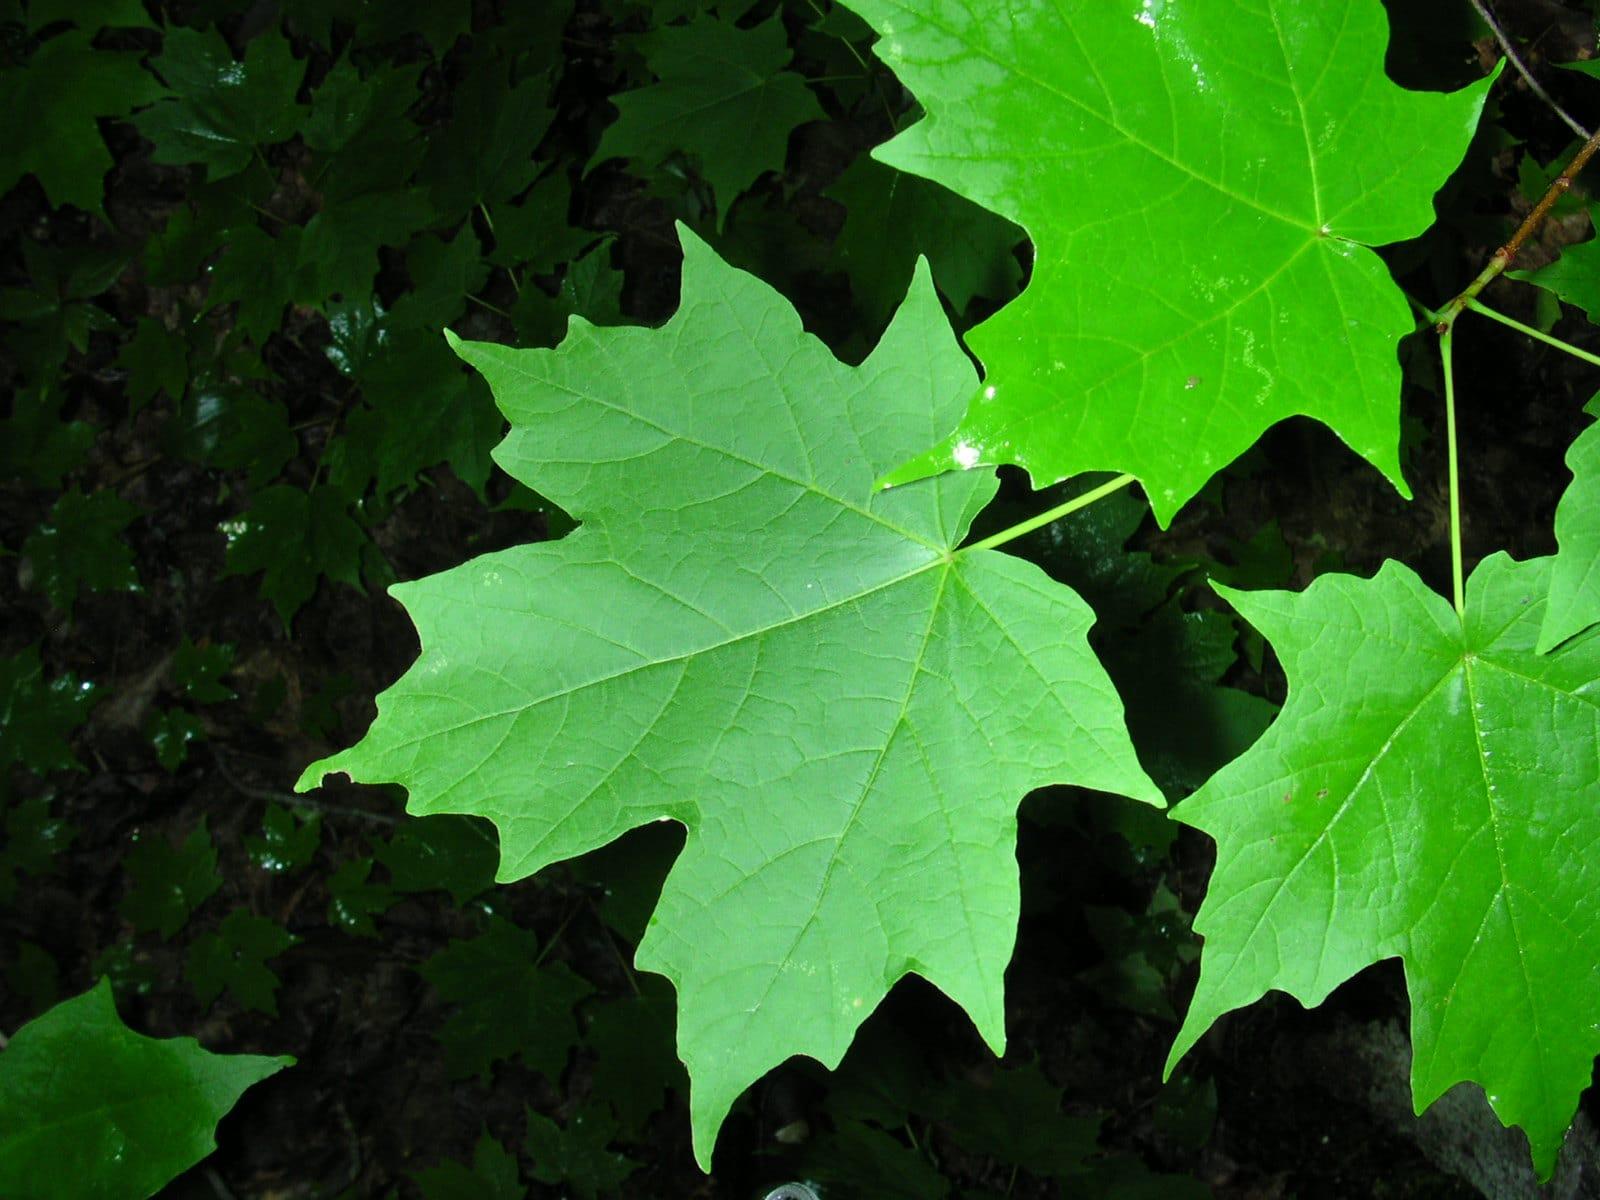 Vista del Acer saccharum